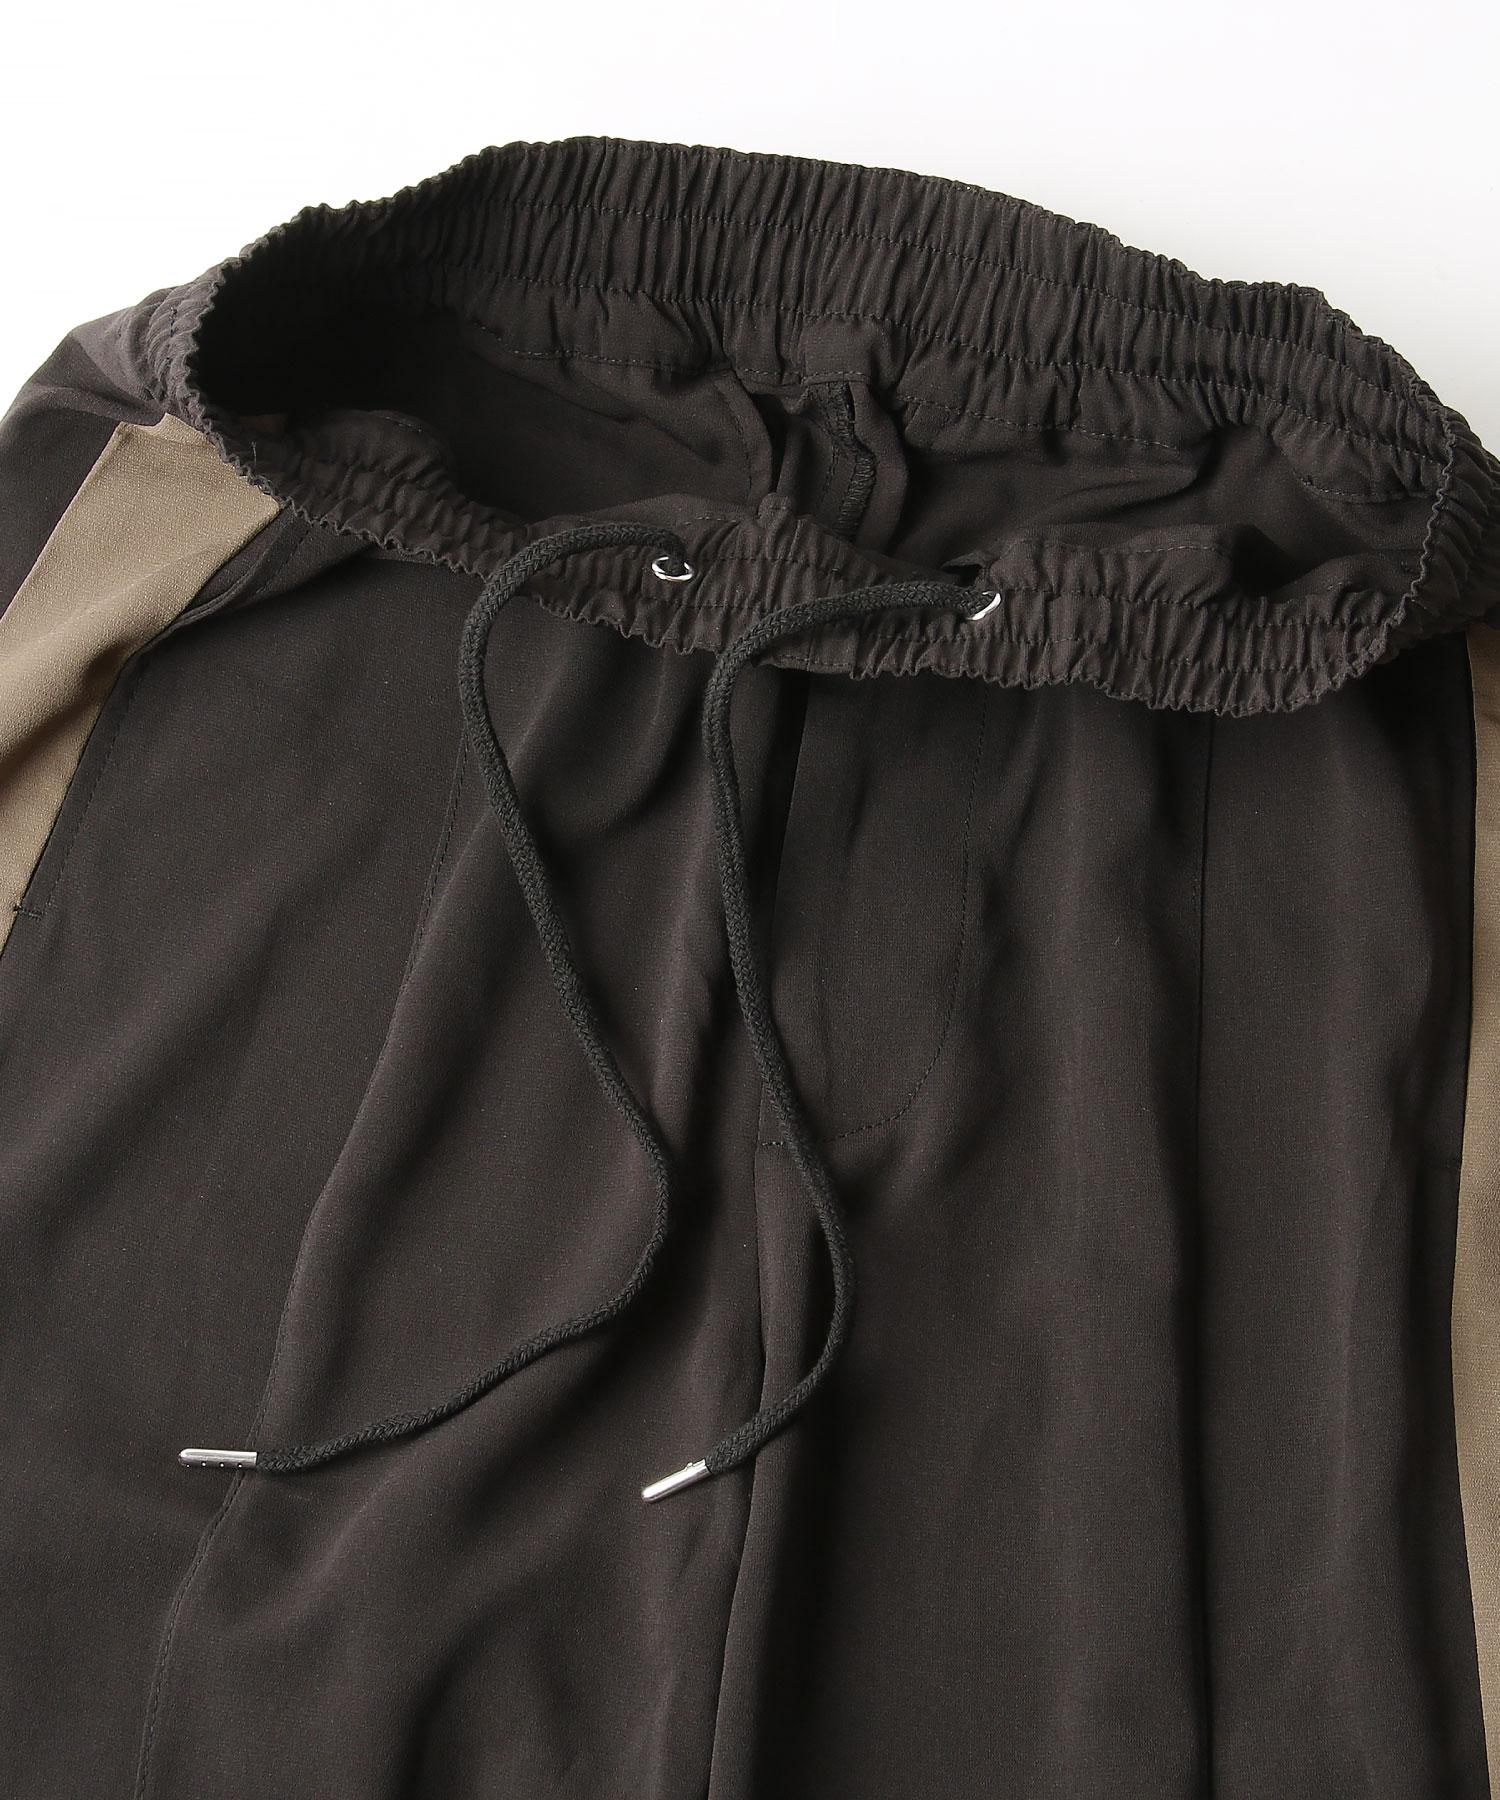 【Nilway】西裝褲 立體裁縫 4